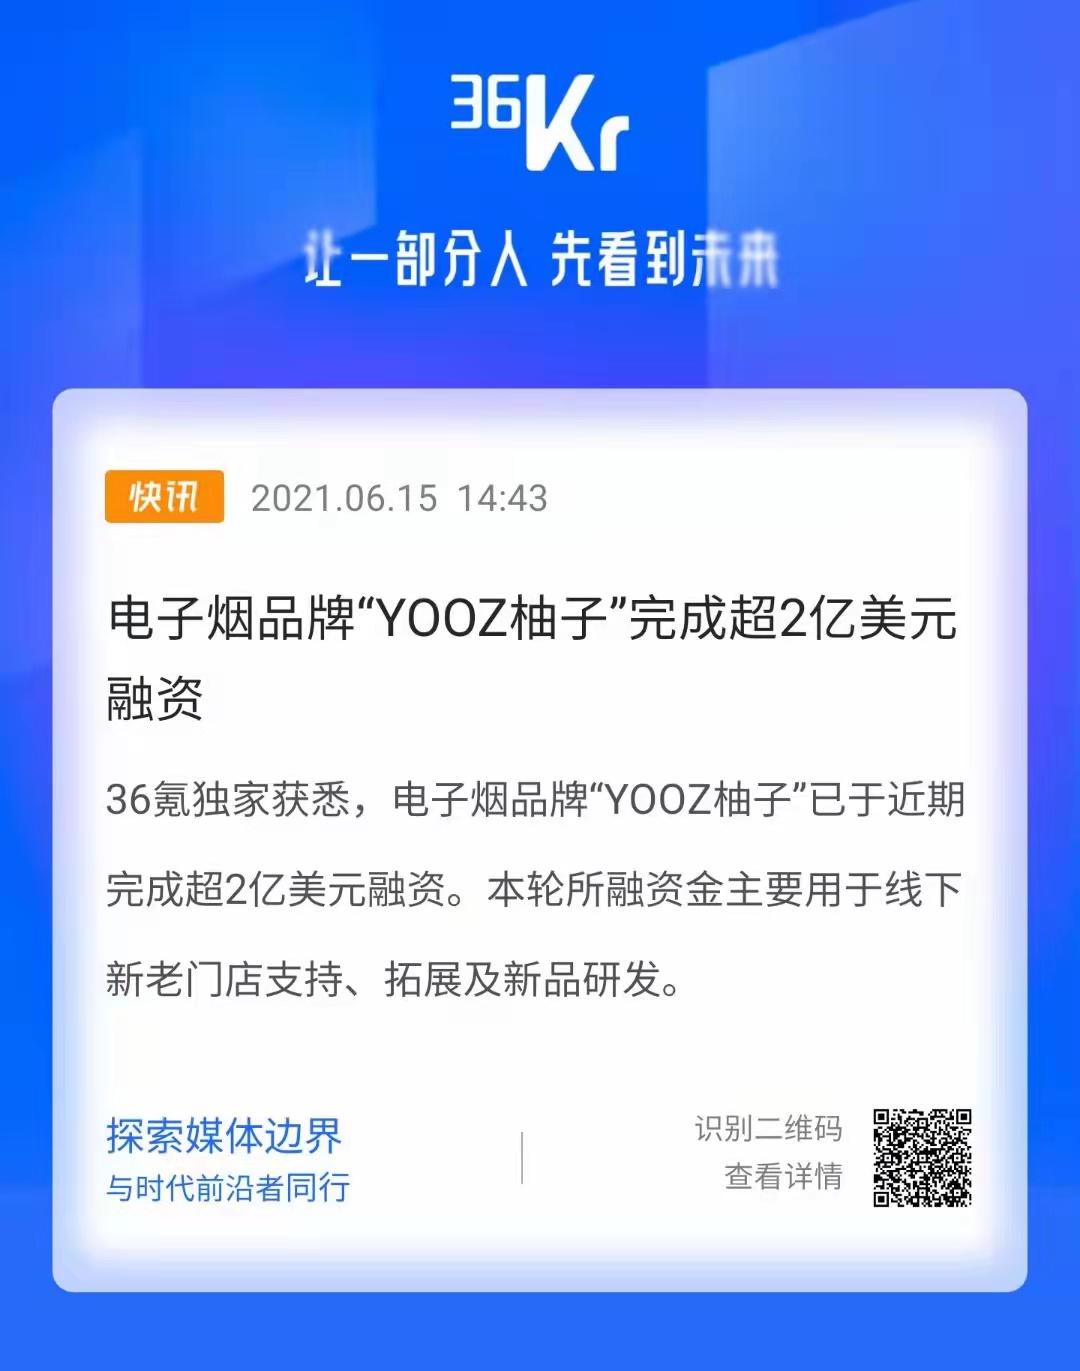 YOOZ完成超2亿美元融资